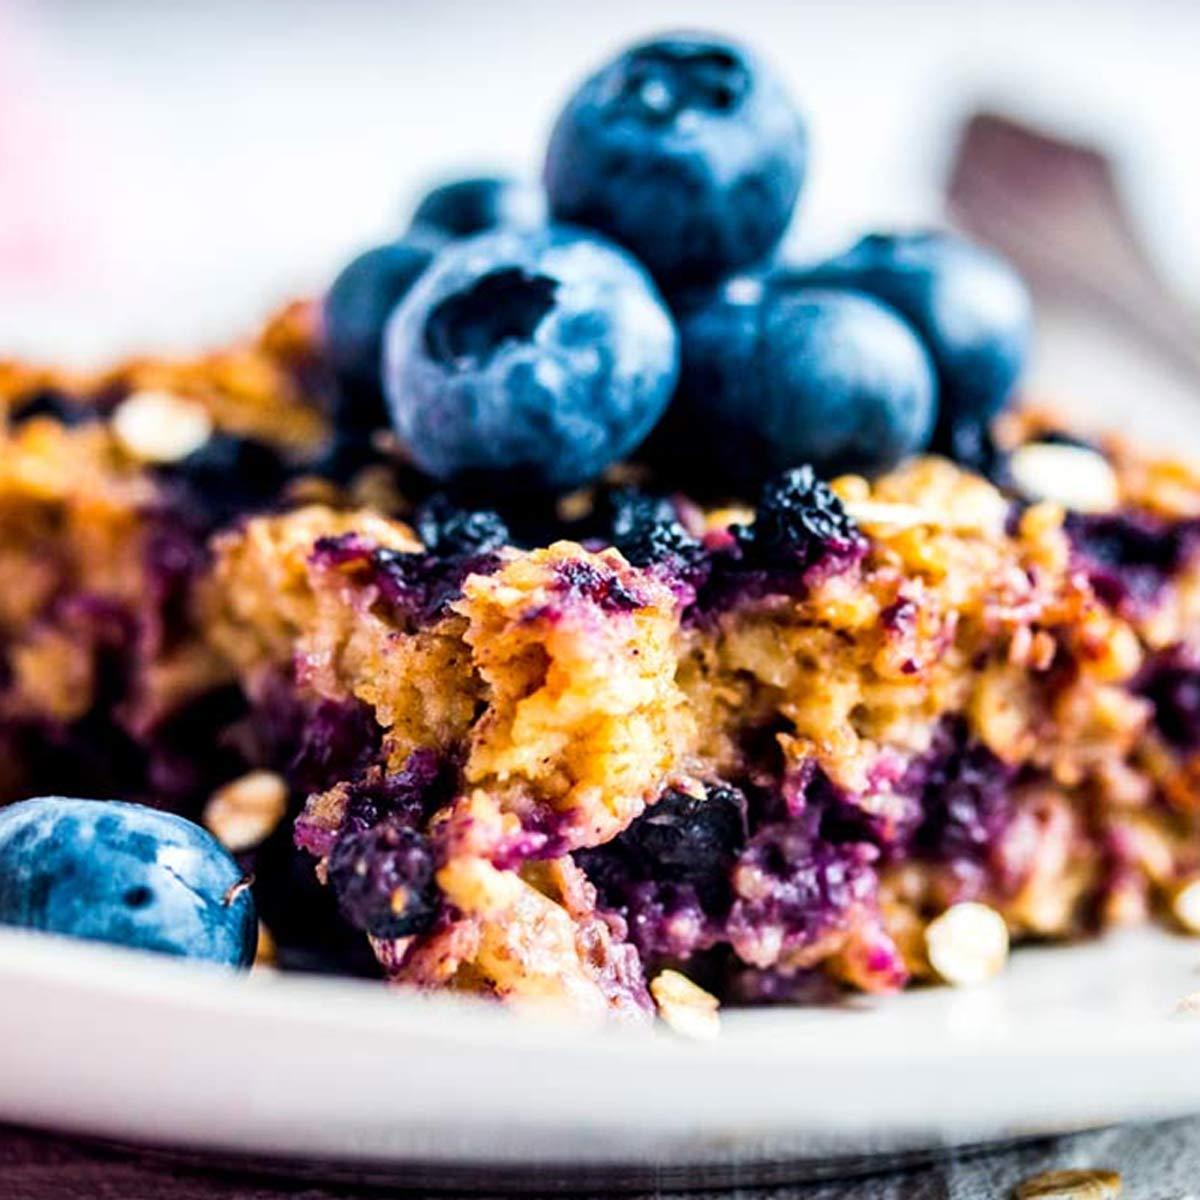 Stück von Baked Oatmeal auf Teller mit frischen Blaubeeren